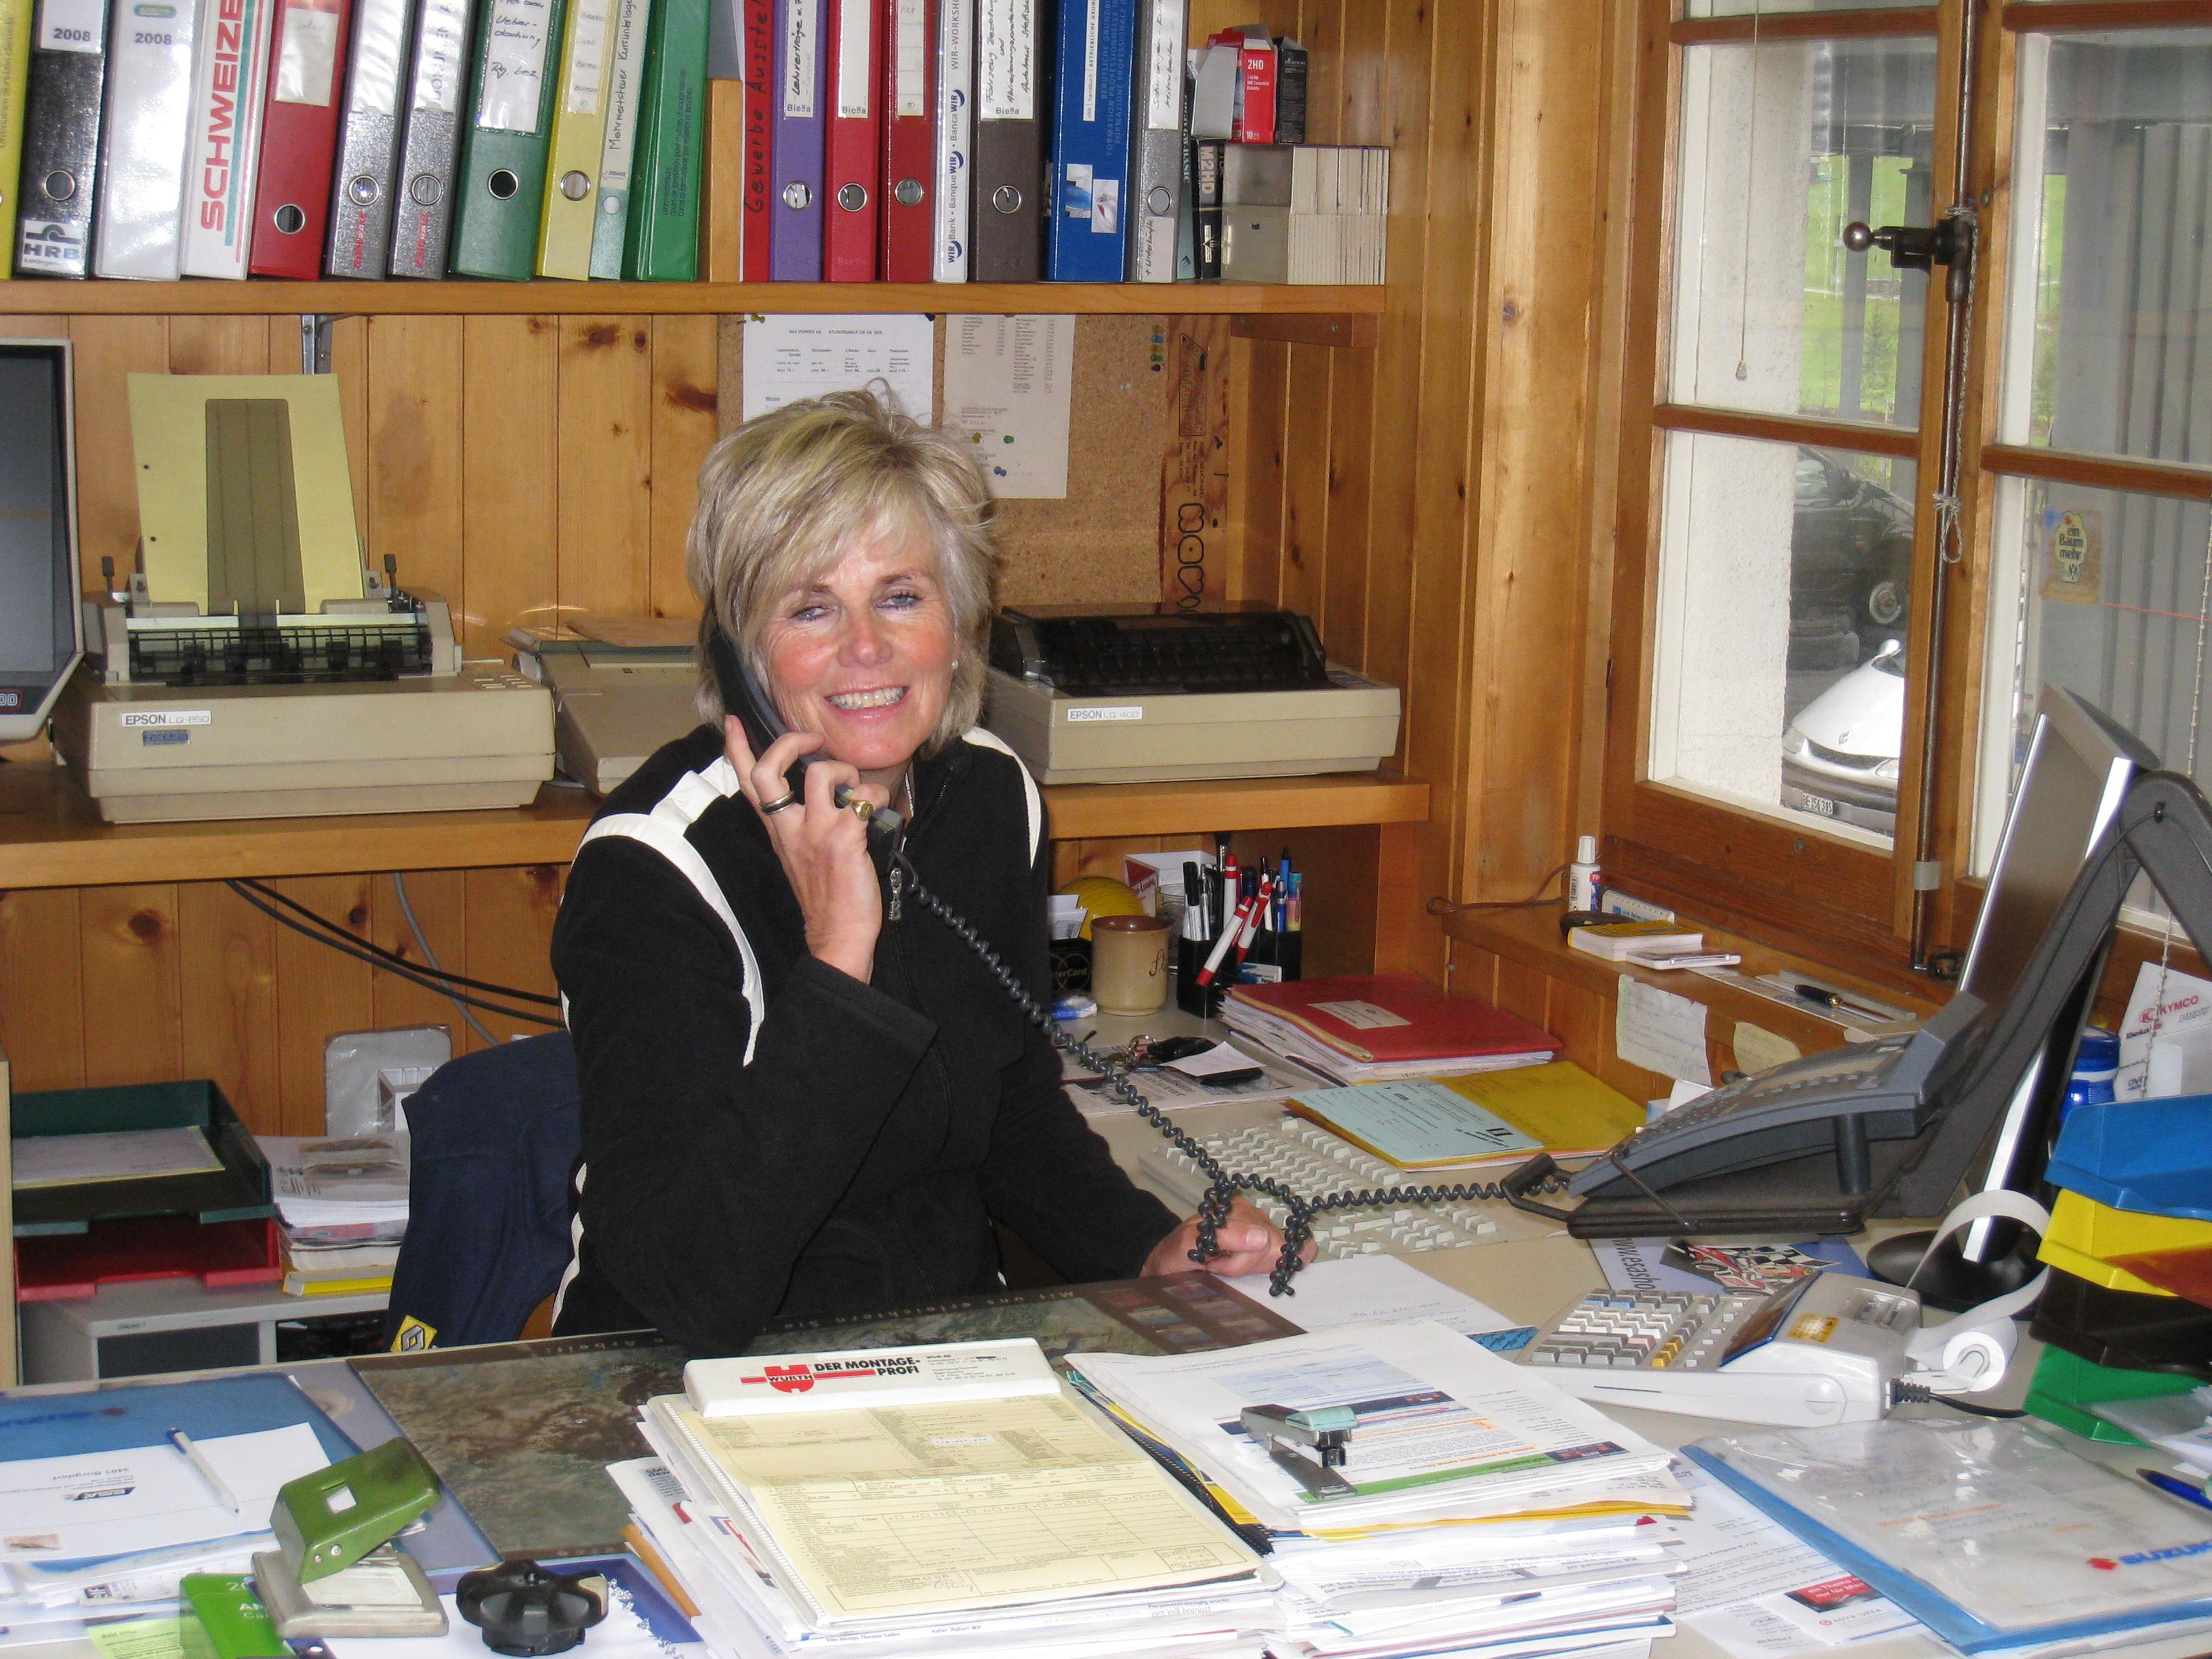 Ann Werren